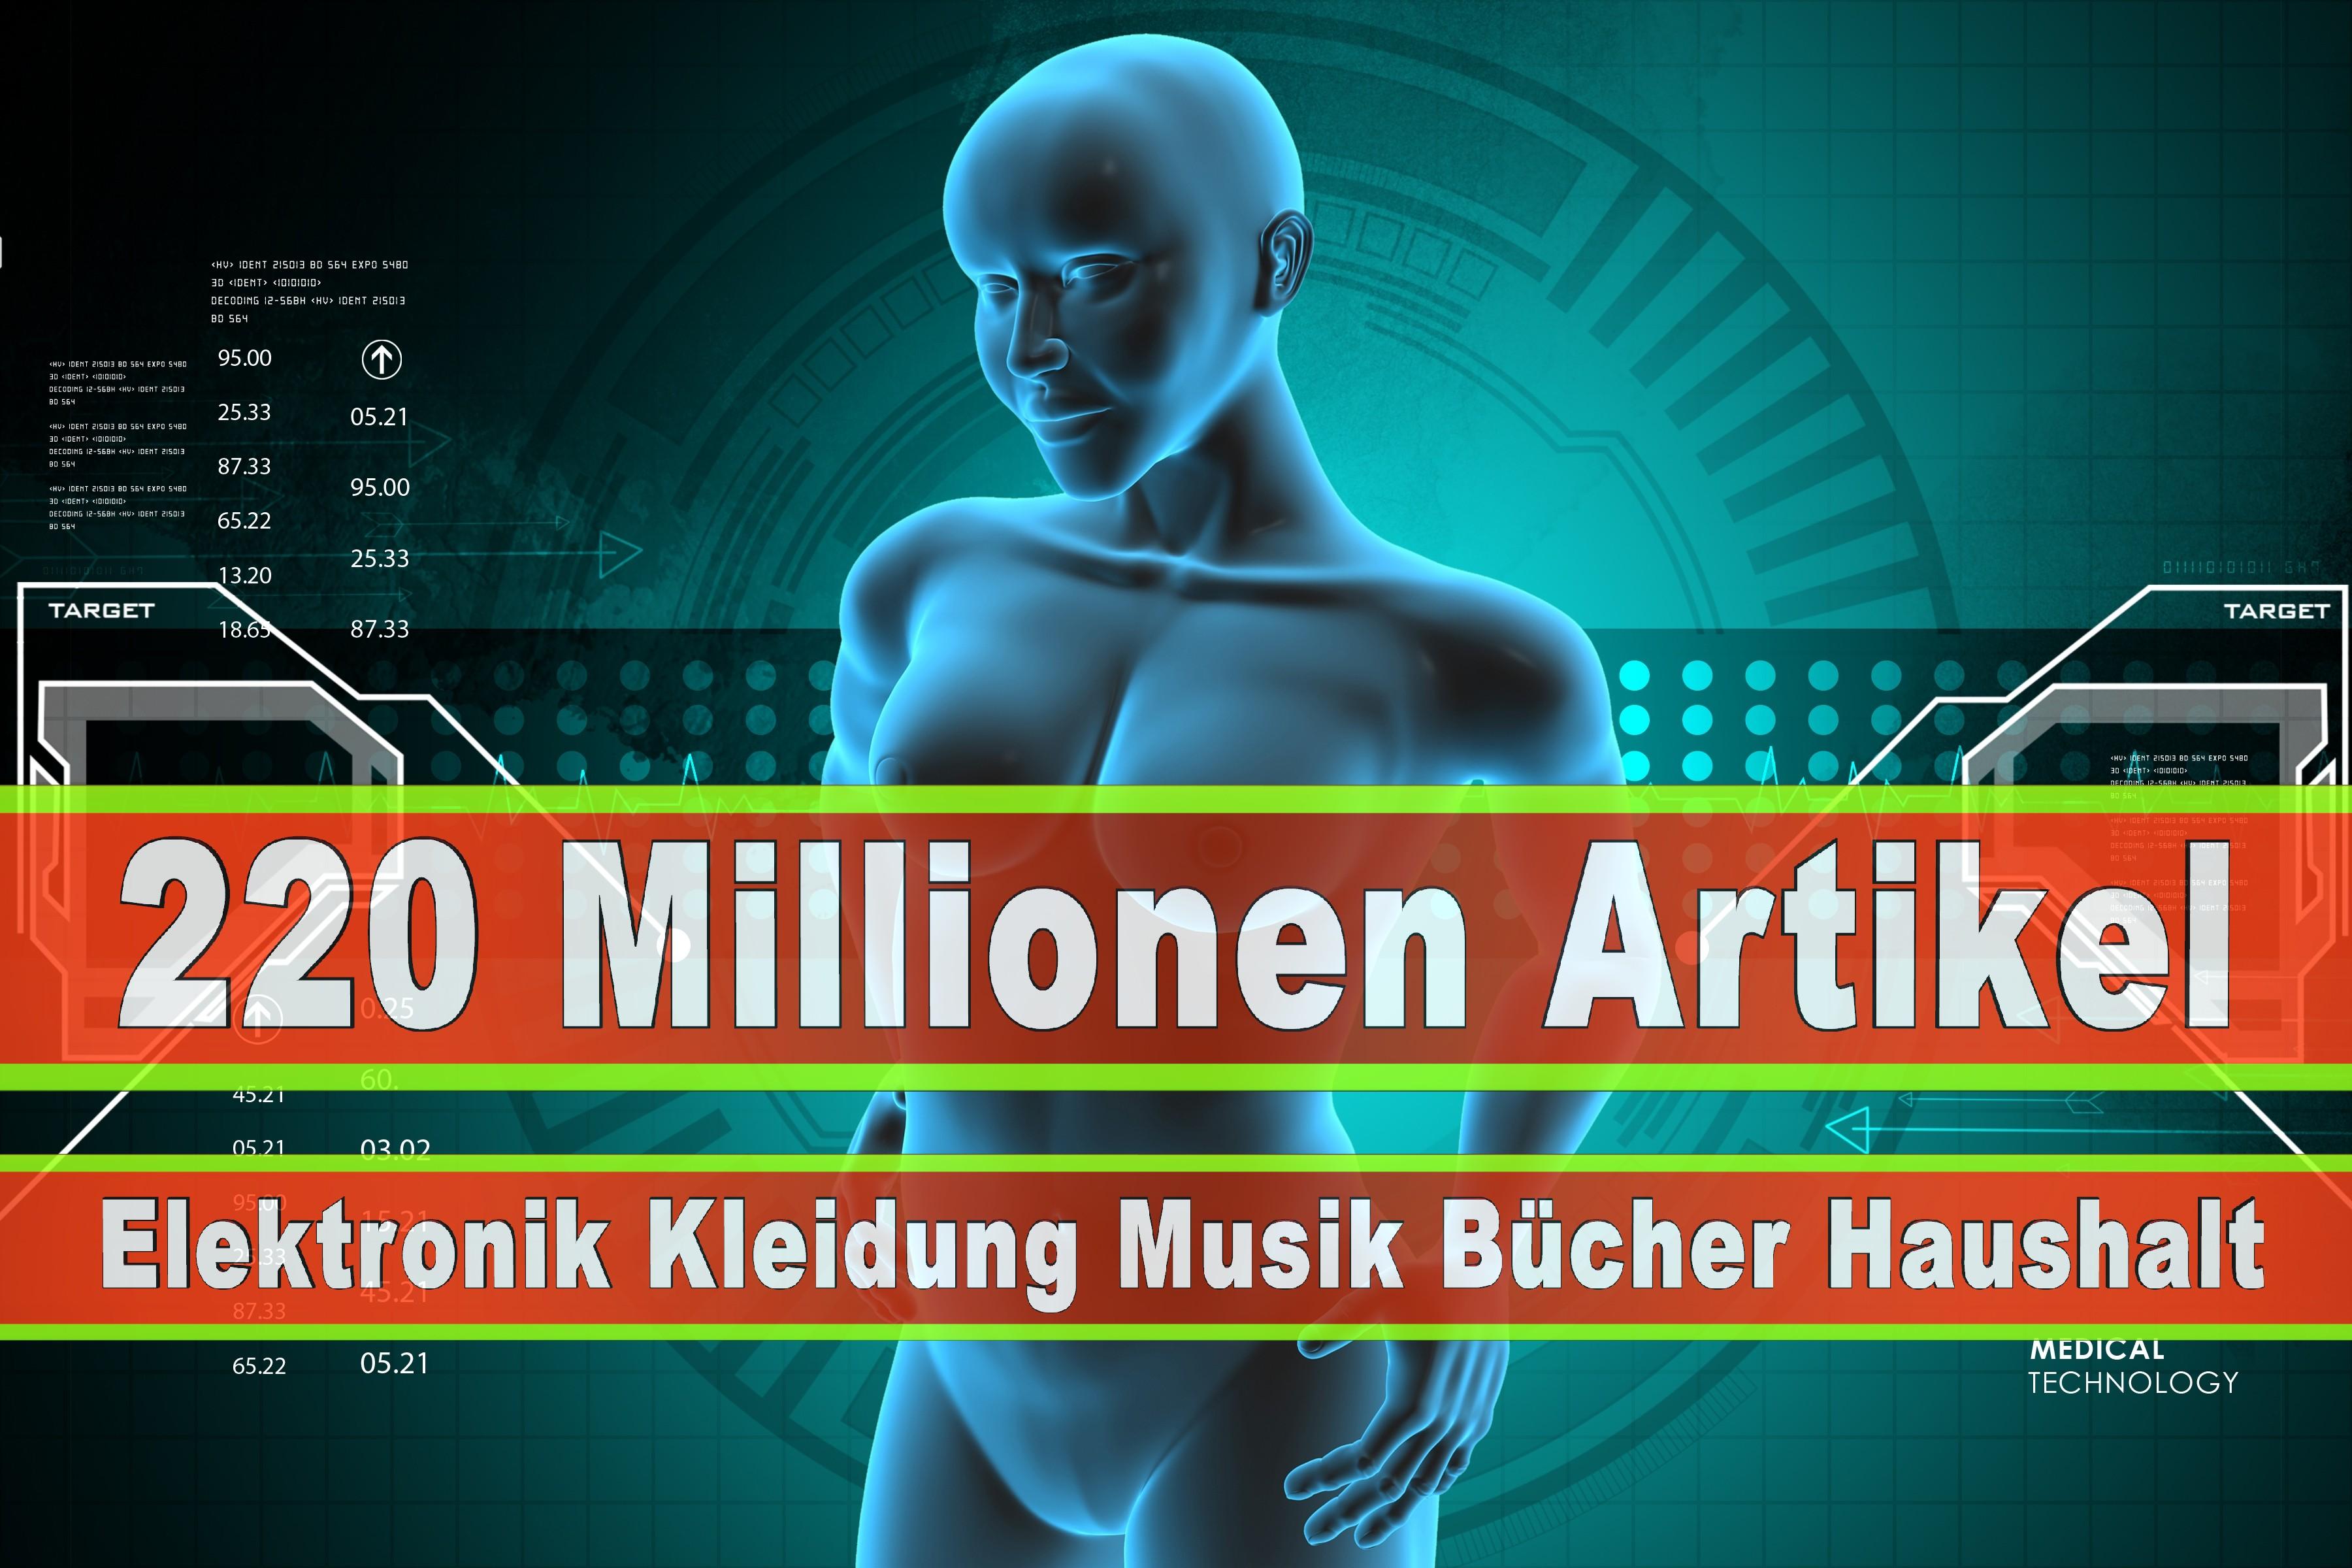 Amazon Elektronik Musik Haushalt Bücher CD DVD Handys Smartphones TV Television Fernseher Kleidung Mode Ebay Versandhaus (178)